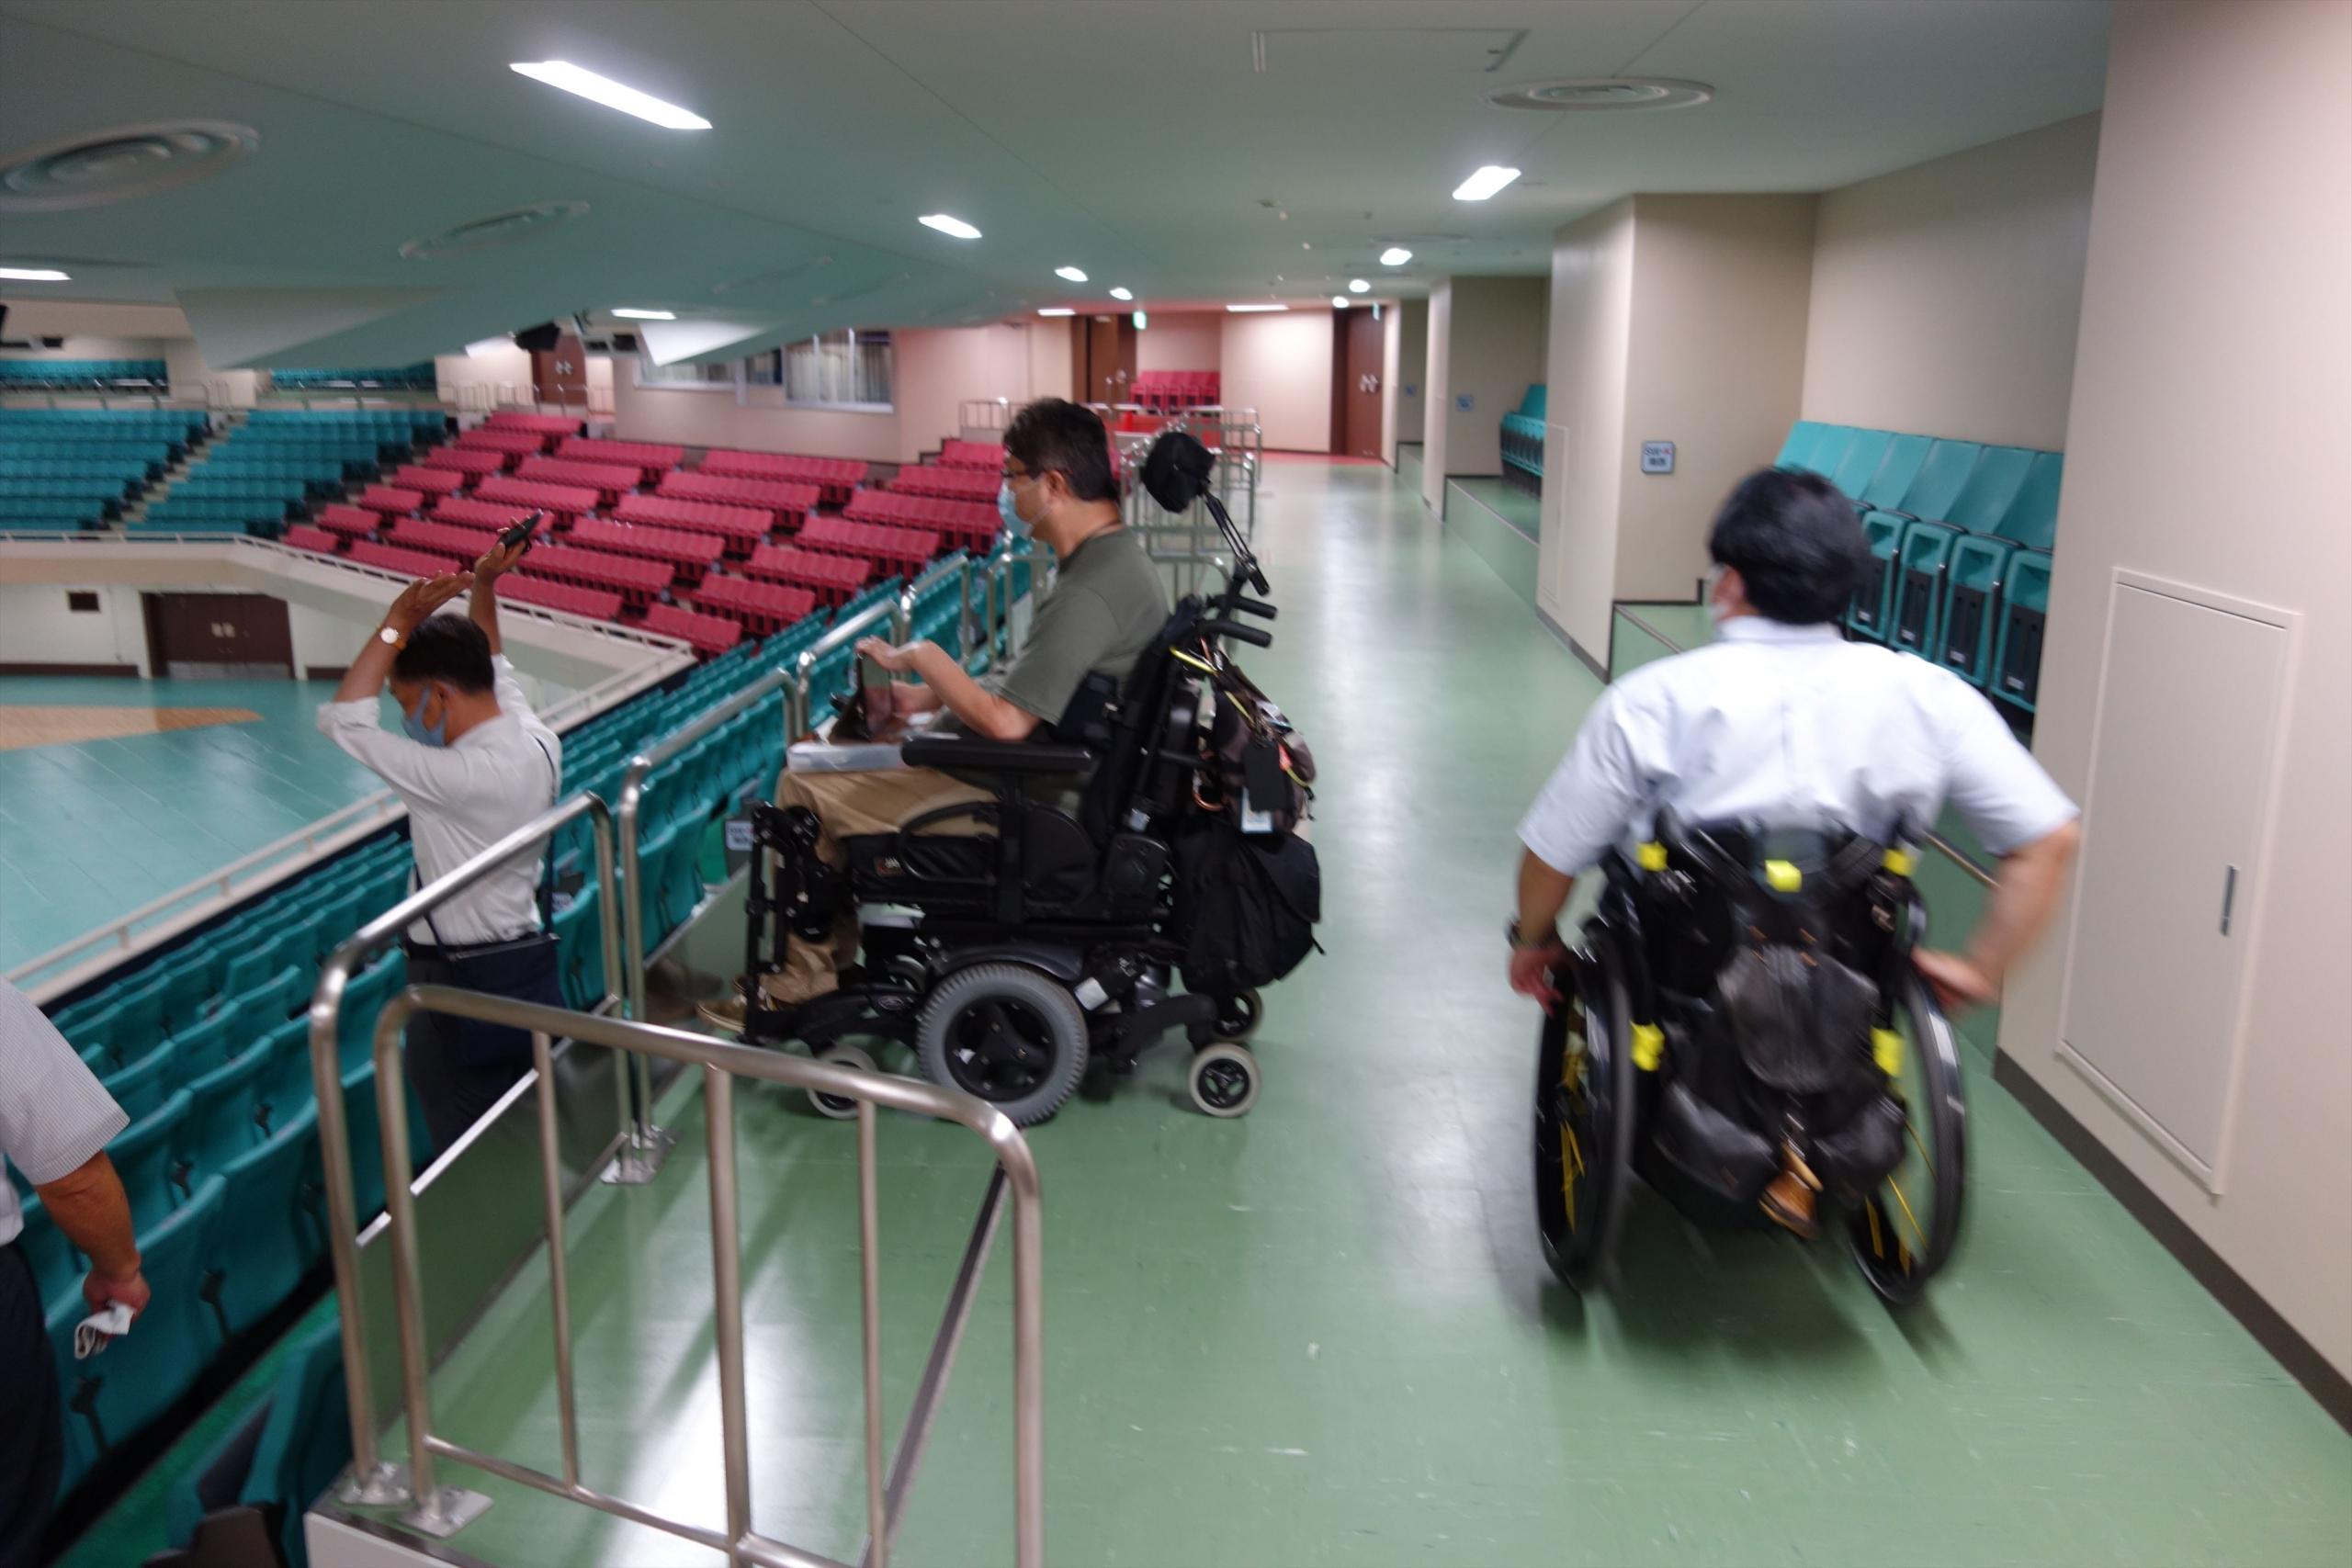 車椅子席の後ろの通路も広く、車椅子での出入りがスムーズに出来ます